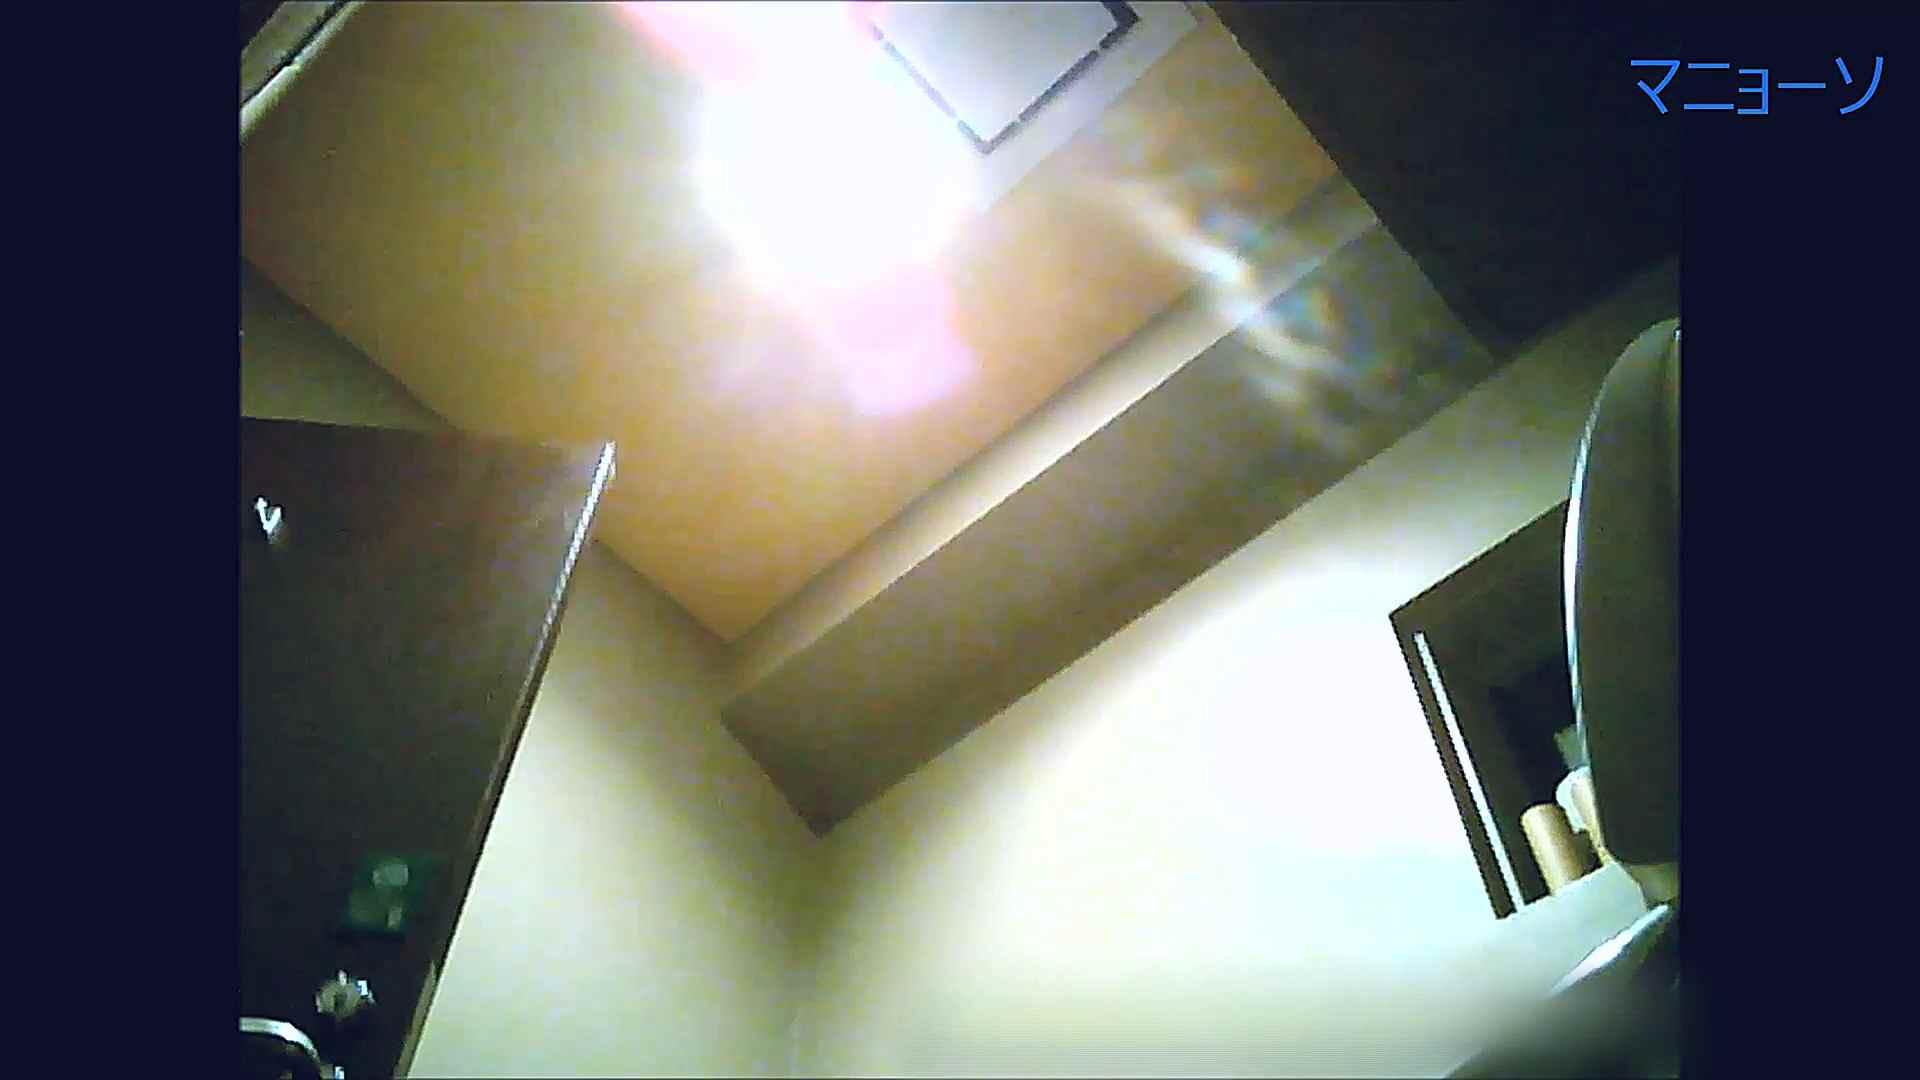 トイレでひと肌脱いでもらいました (OL編)Vol.13 OL | トイレ中  61連発 49